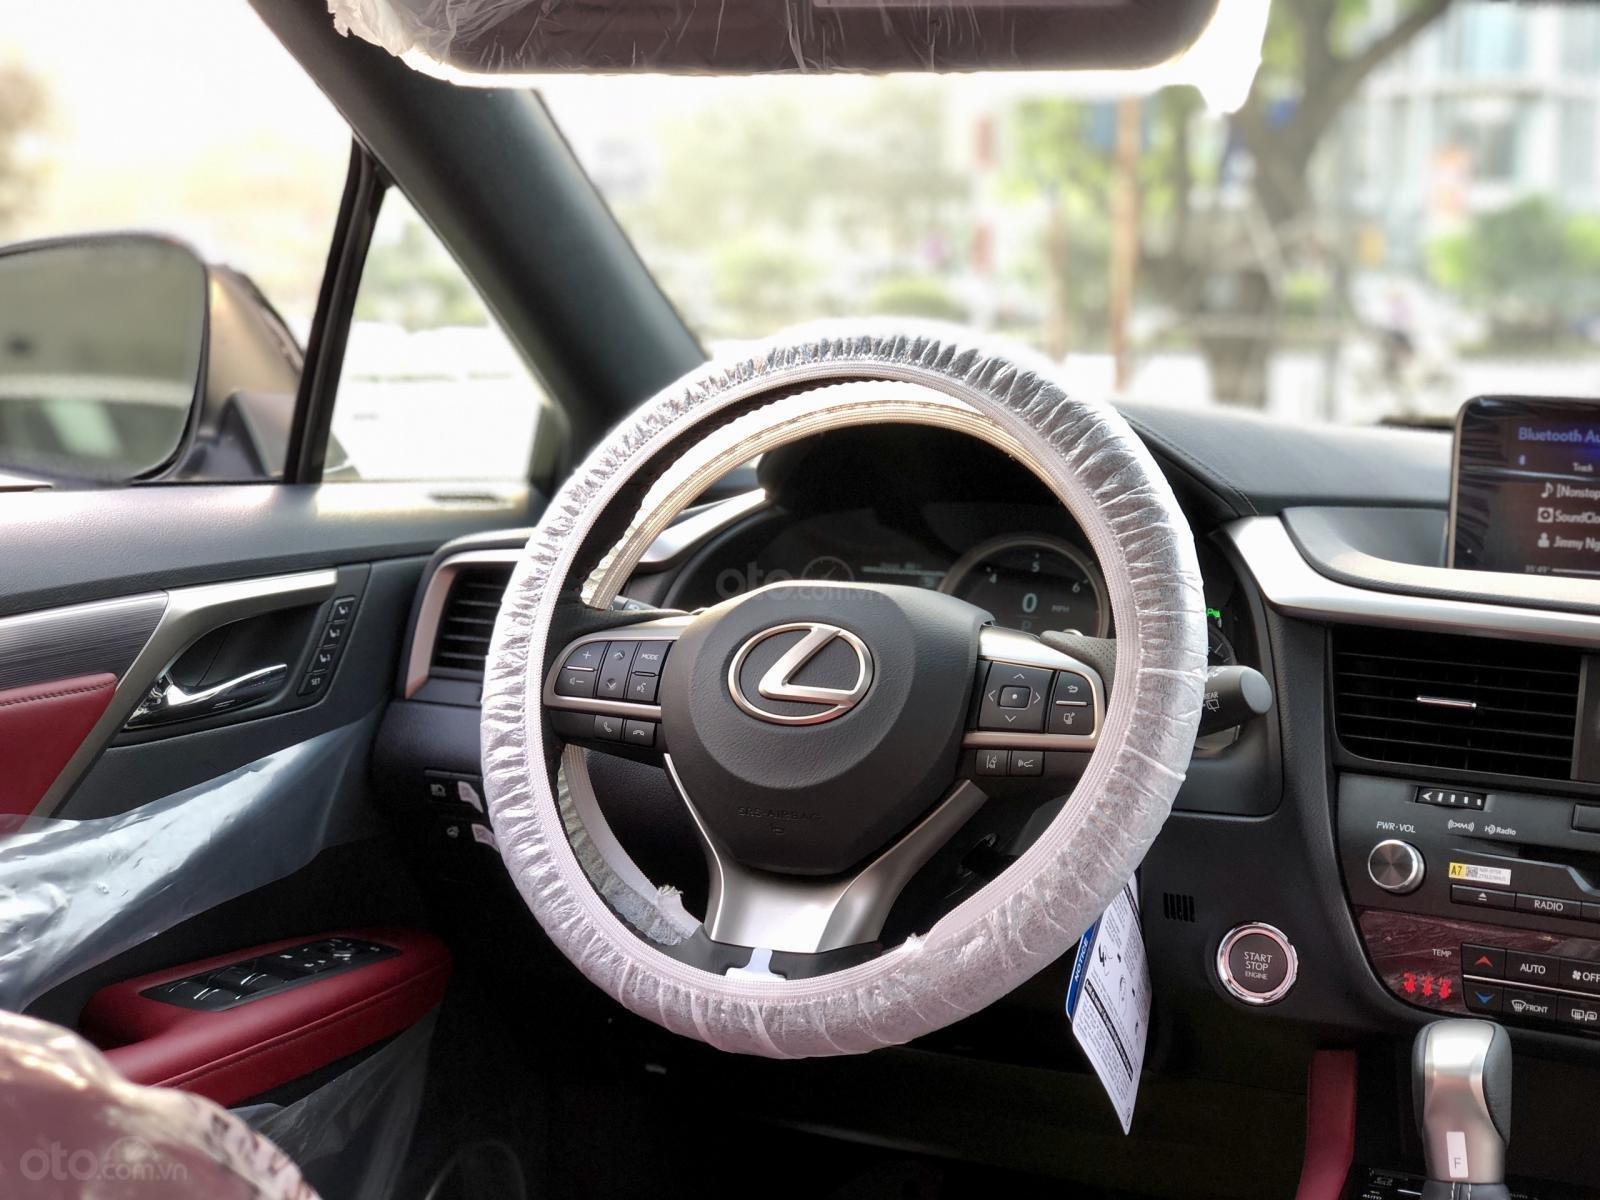 Bán Lexus RX 350 Fsport năm 2020, nhập Mỹ giao ngay toàn quốc, giá tốt, LH Ms Hương 094.539.2468 (15)